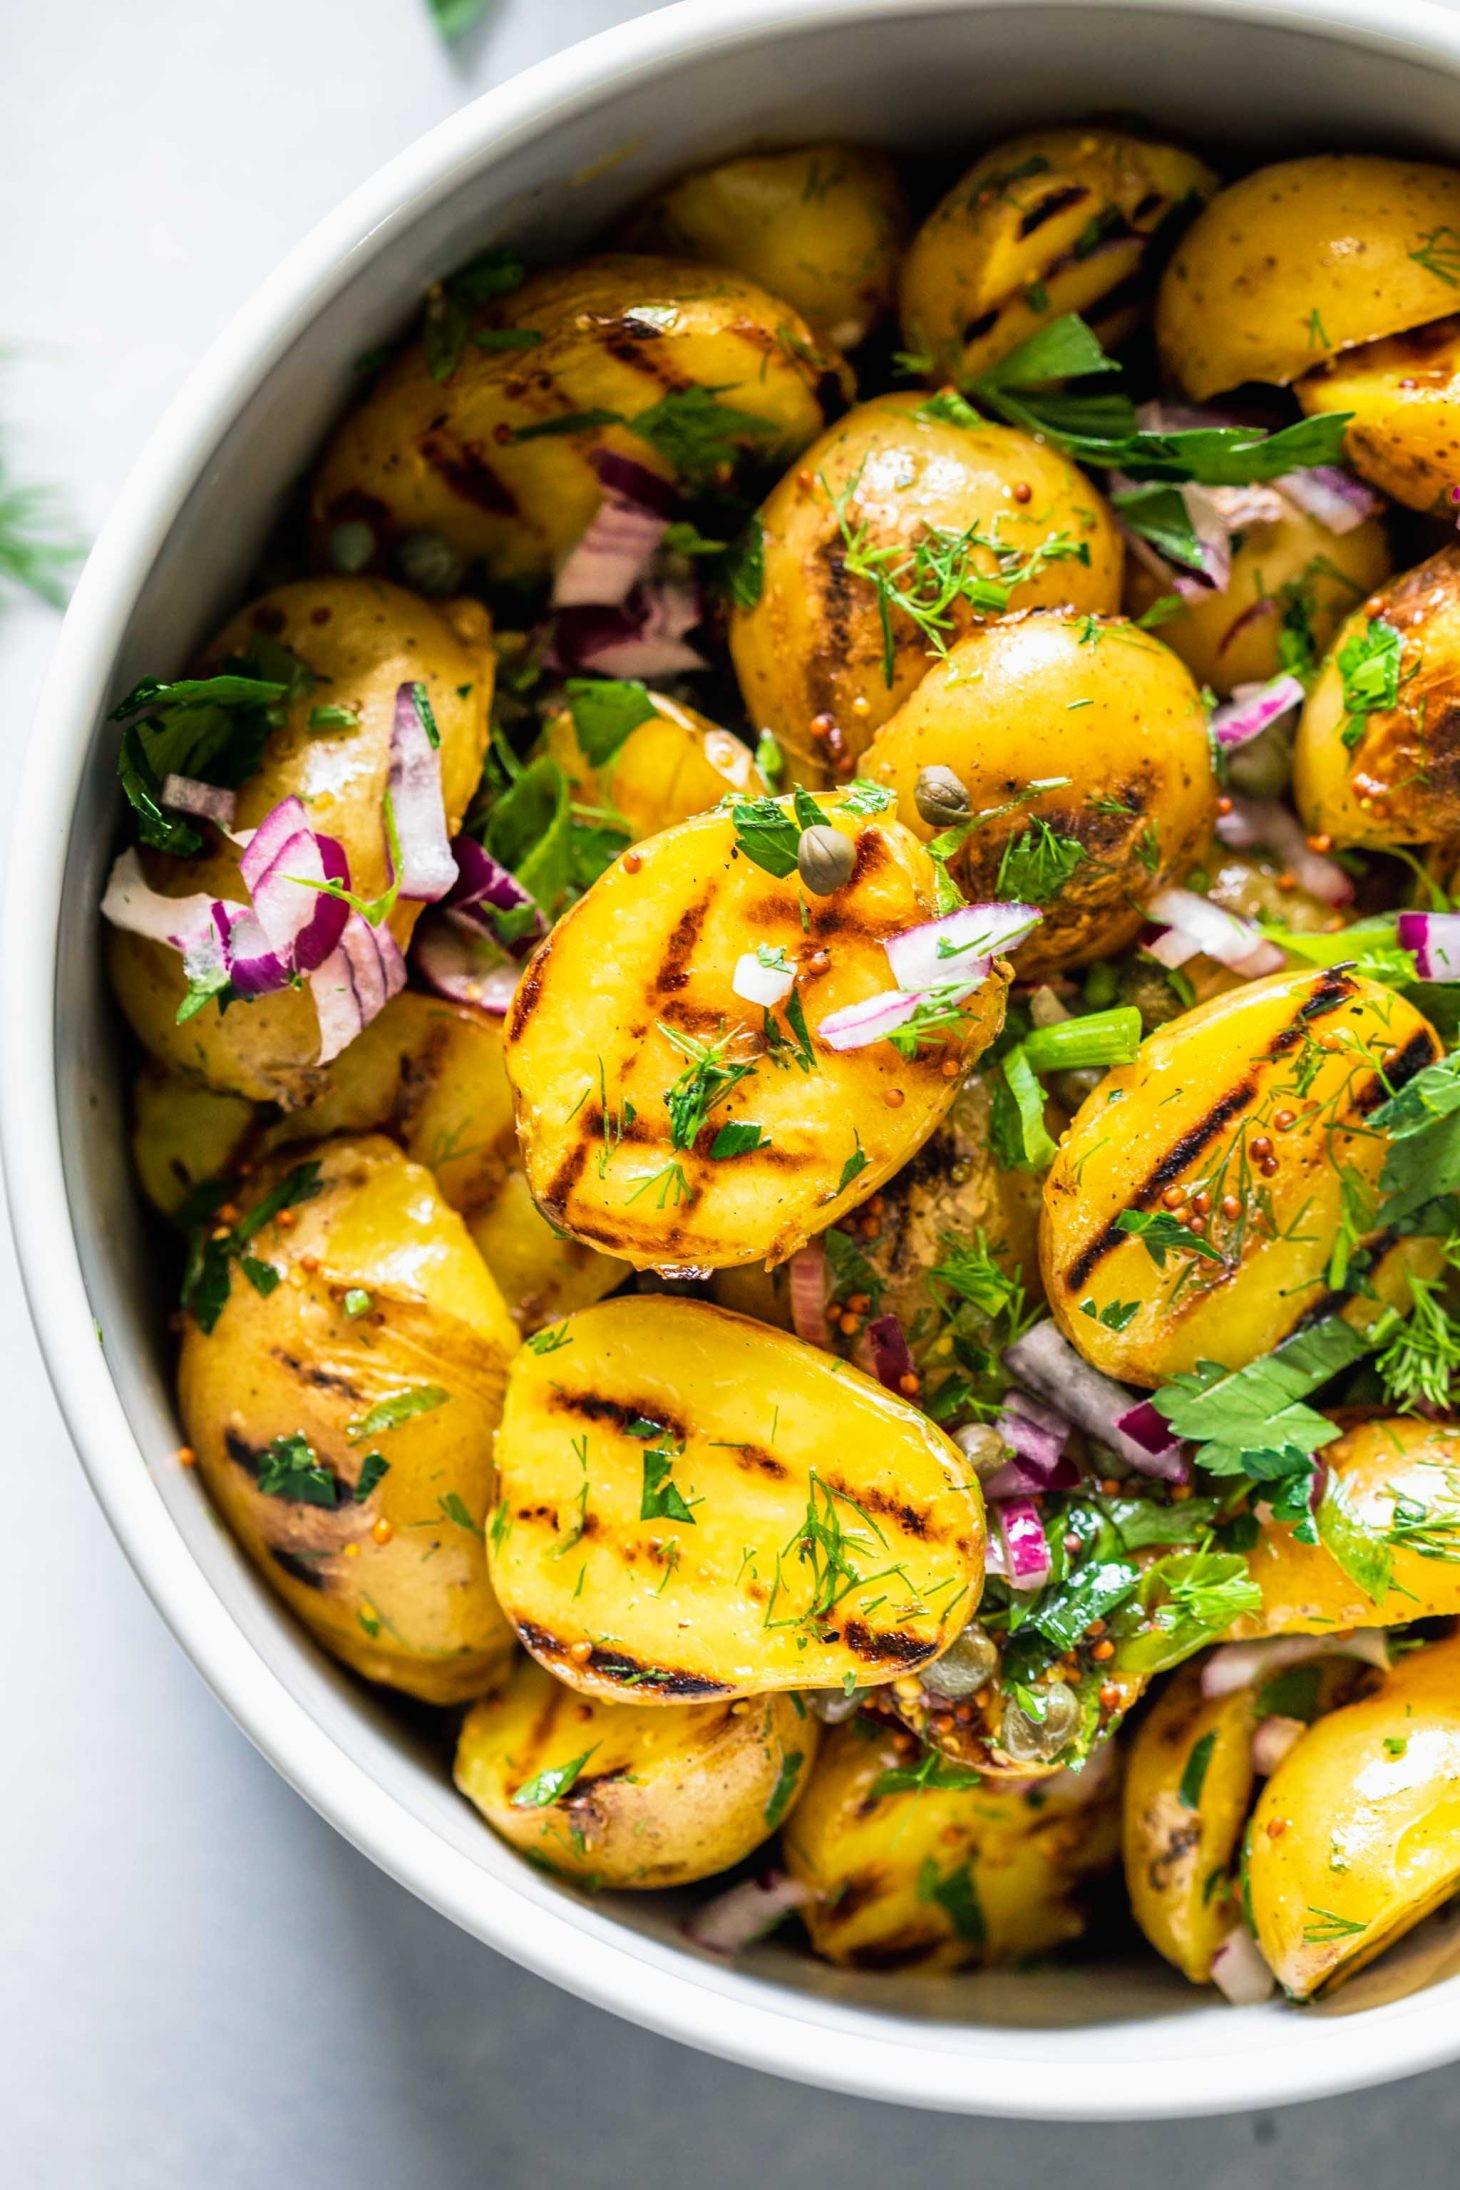 وصفات بطاطس مشوية - طريقة عمل سلطة البطاطس المشوية بصوص المستردة